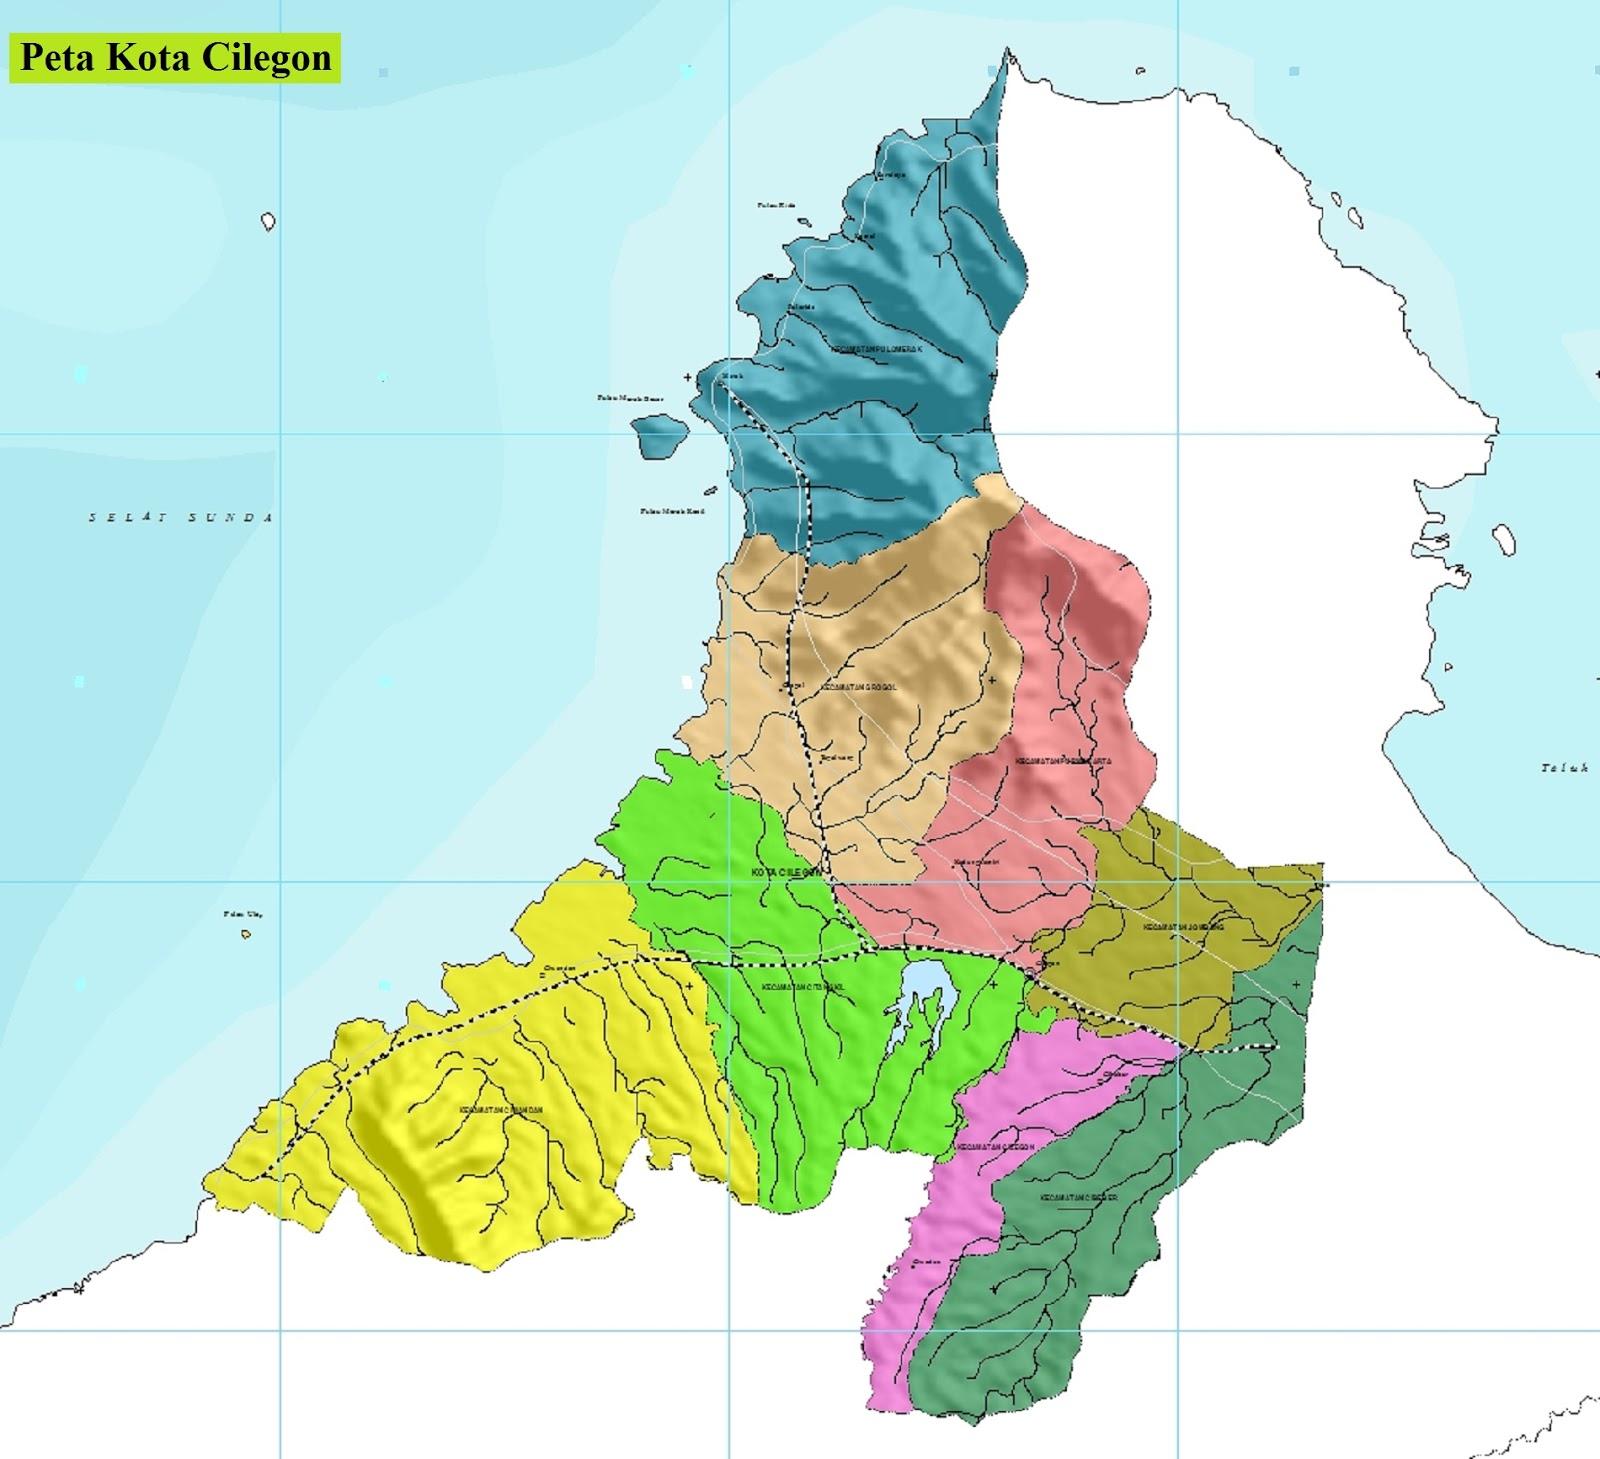 Peta Kota Cilegon